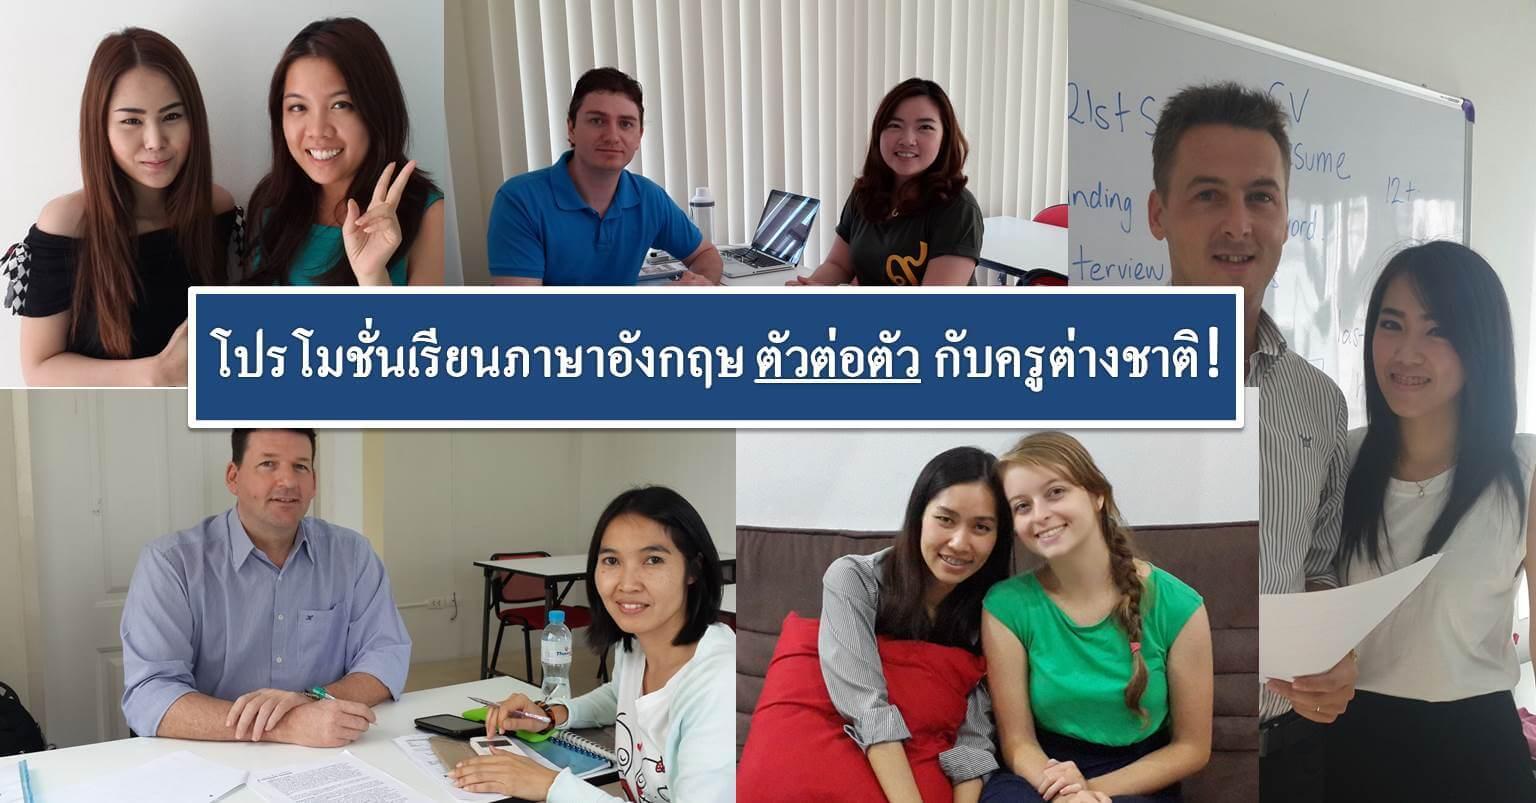 เรียนภาษาอังกฤษ ตัวต่อตัว กับครูต่างชาติ